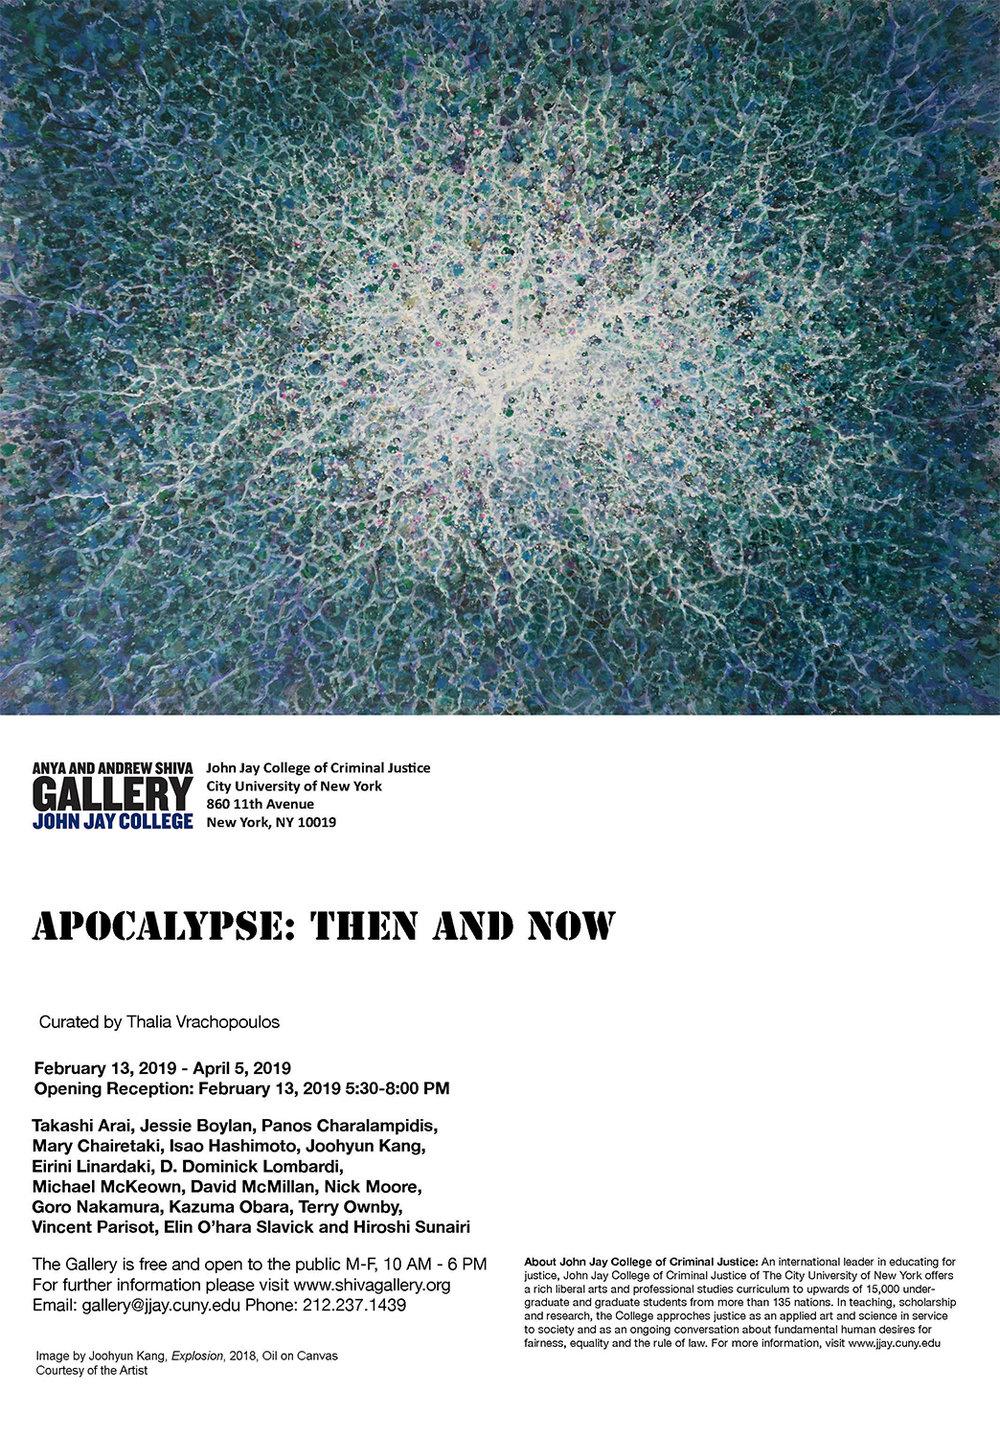 Postcard ApocalypseCorrections Small-smaller.jpg